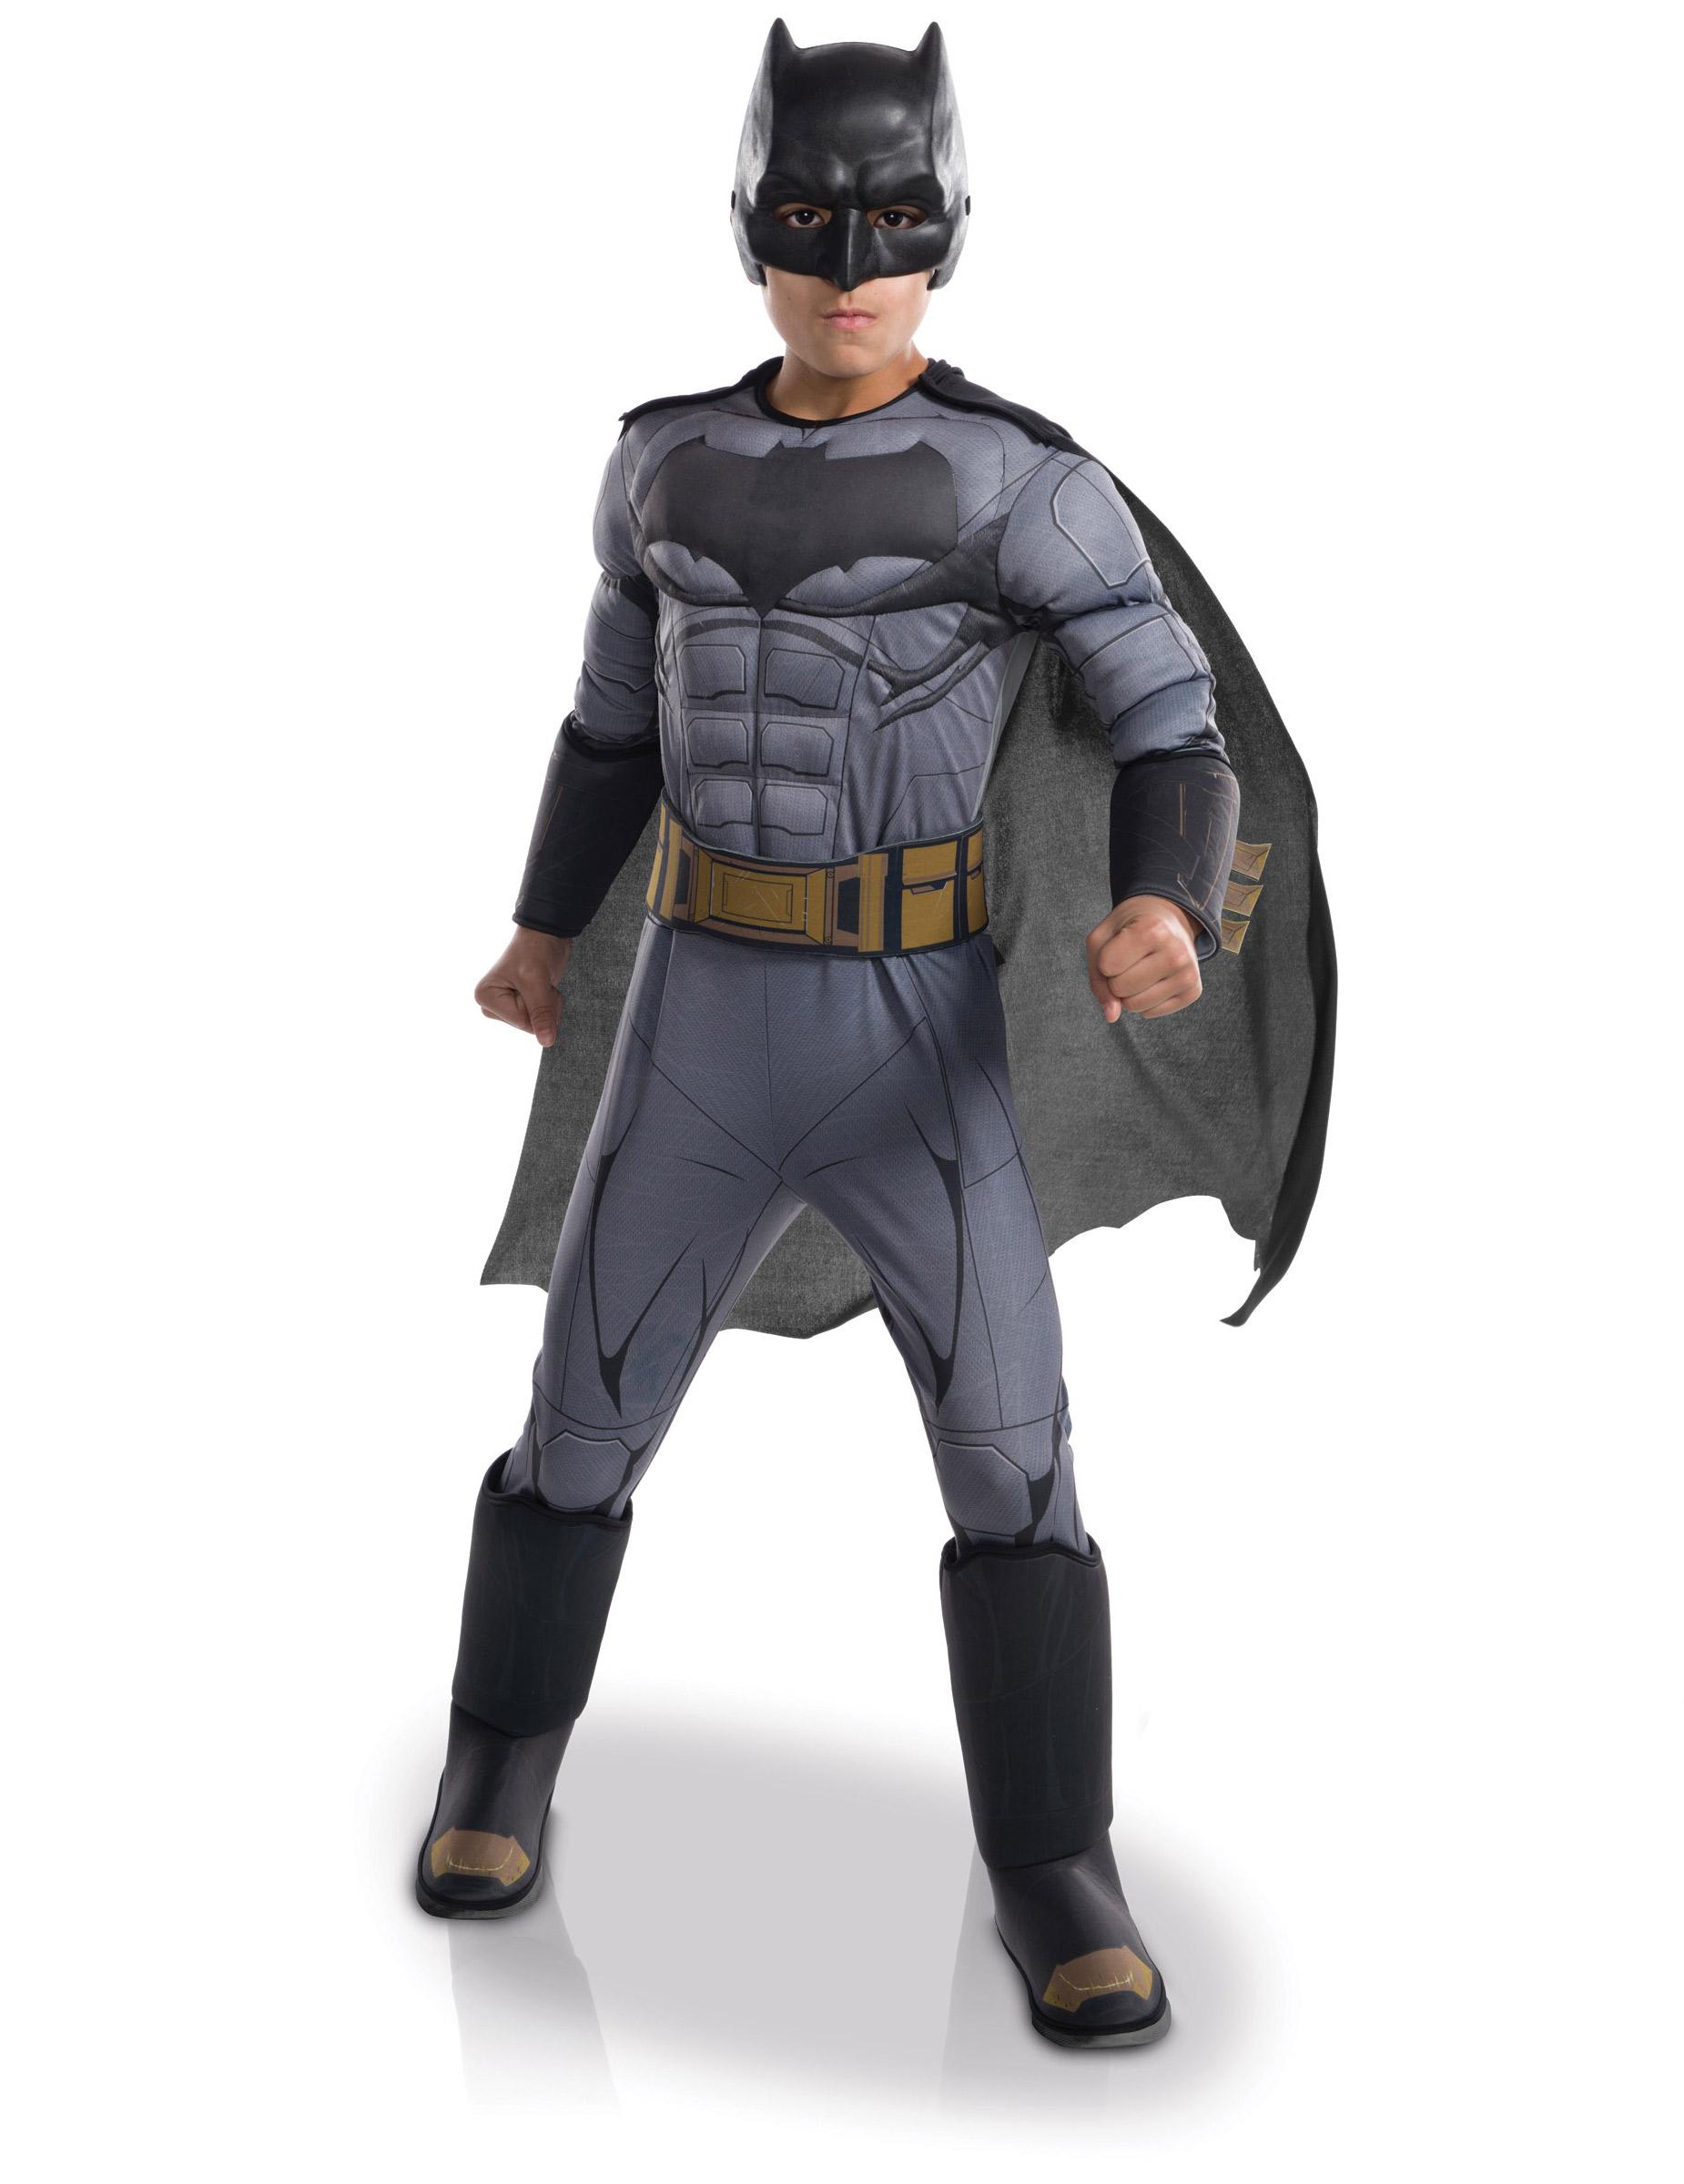 costume batman justice league lusso per bambino su vegaooparty negozio di articoli per feste. Black Bedroom Furniture Sets. Home Design Ideas